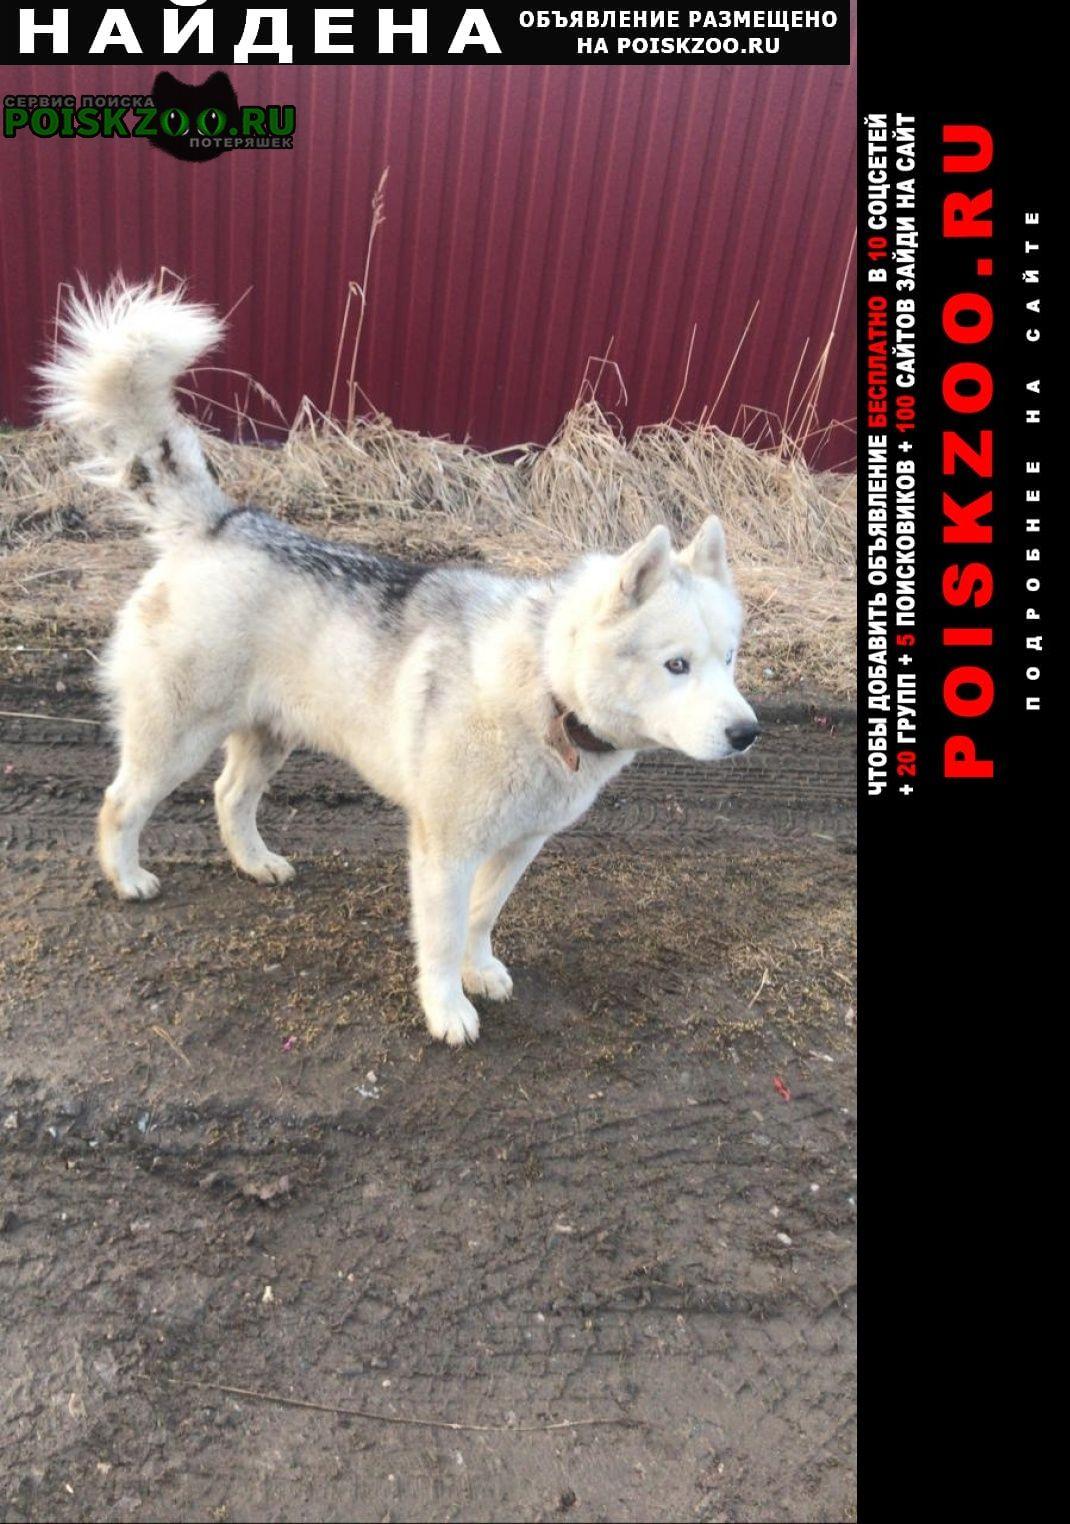 Найдена собака Воскресенск